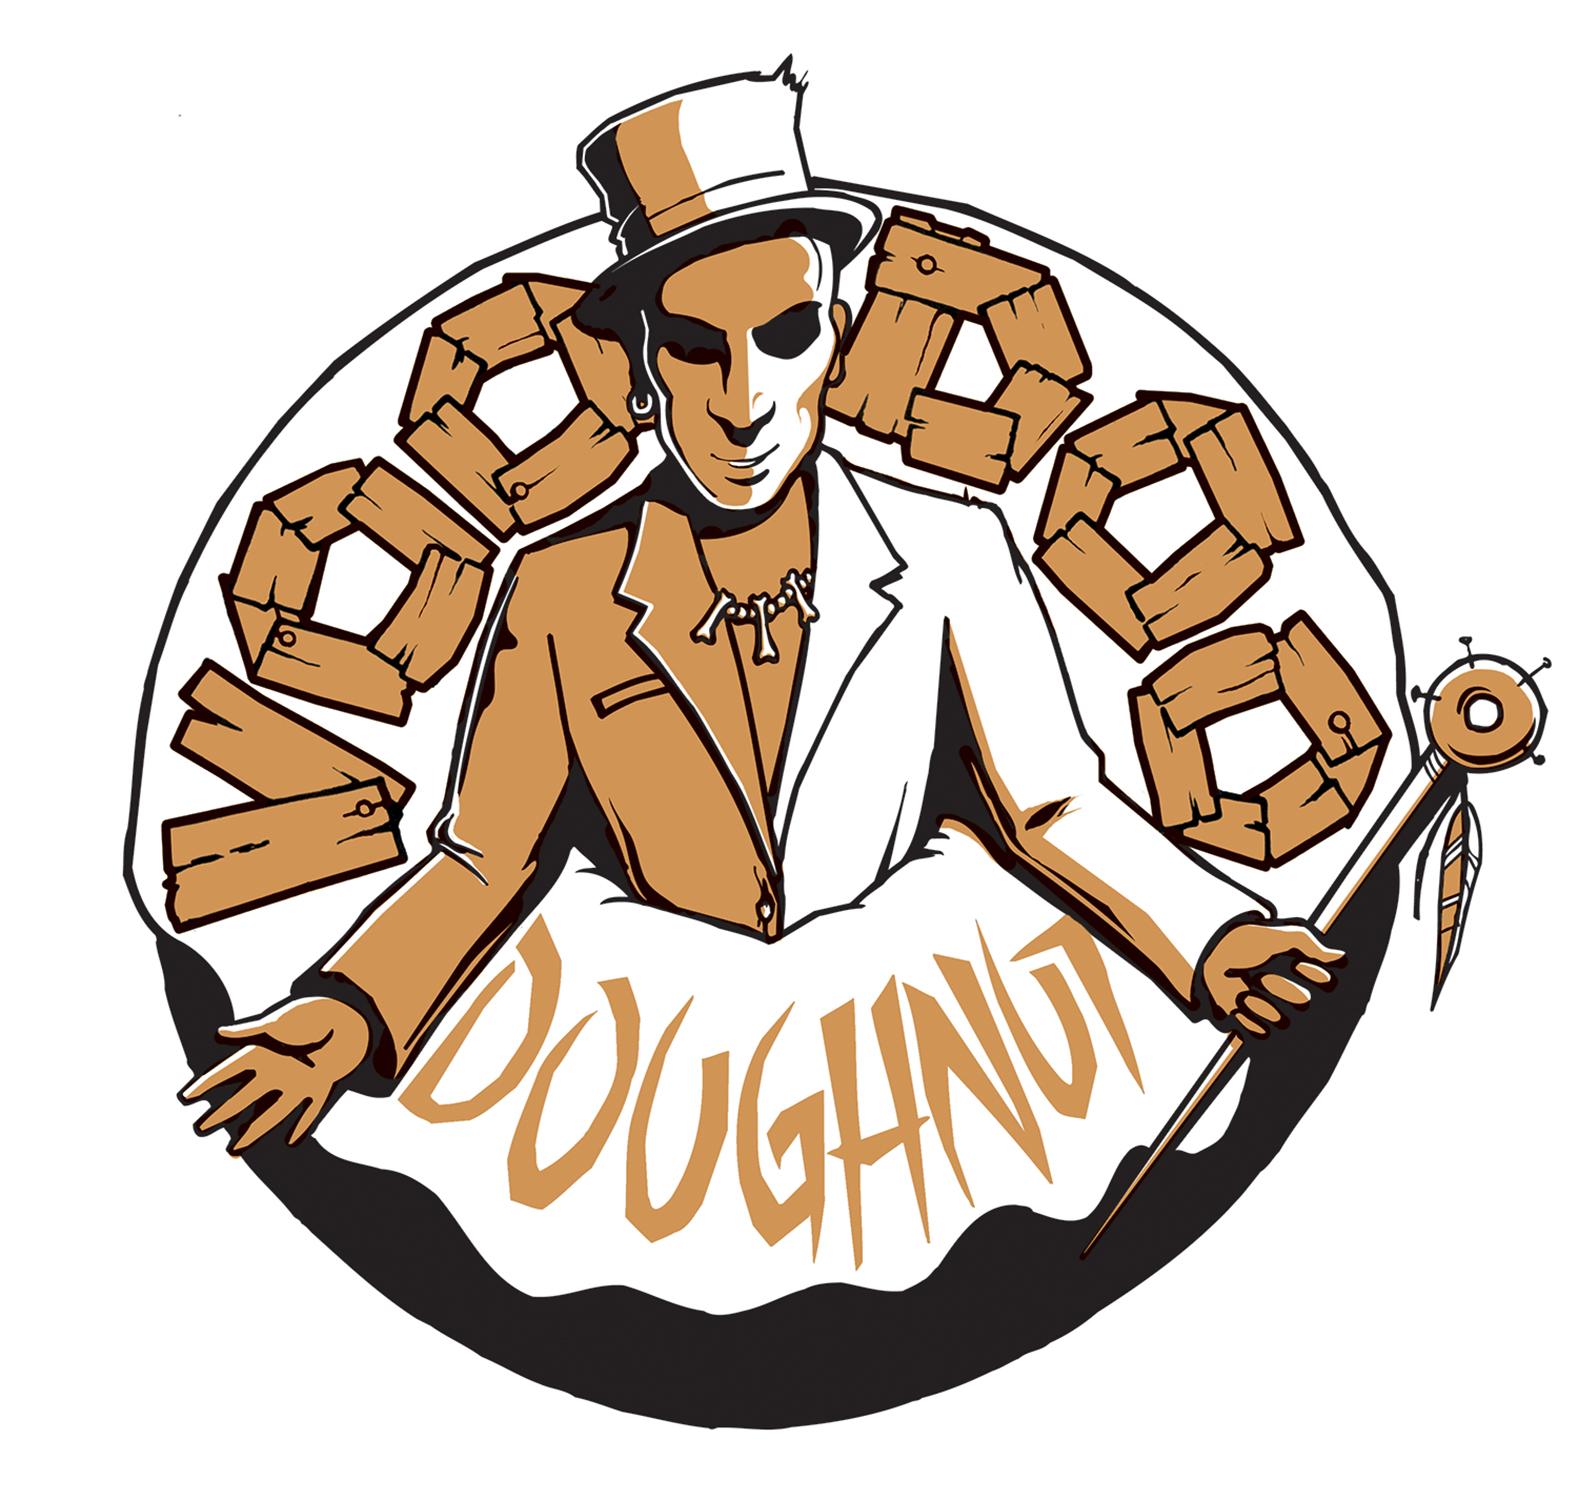 Doughnut Shop Logo